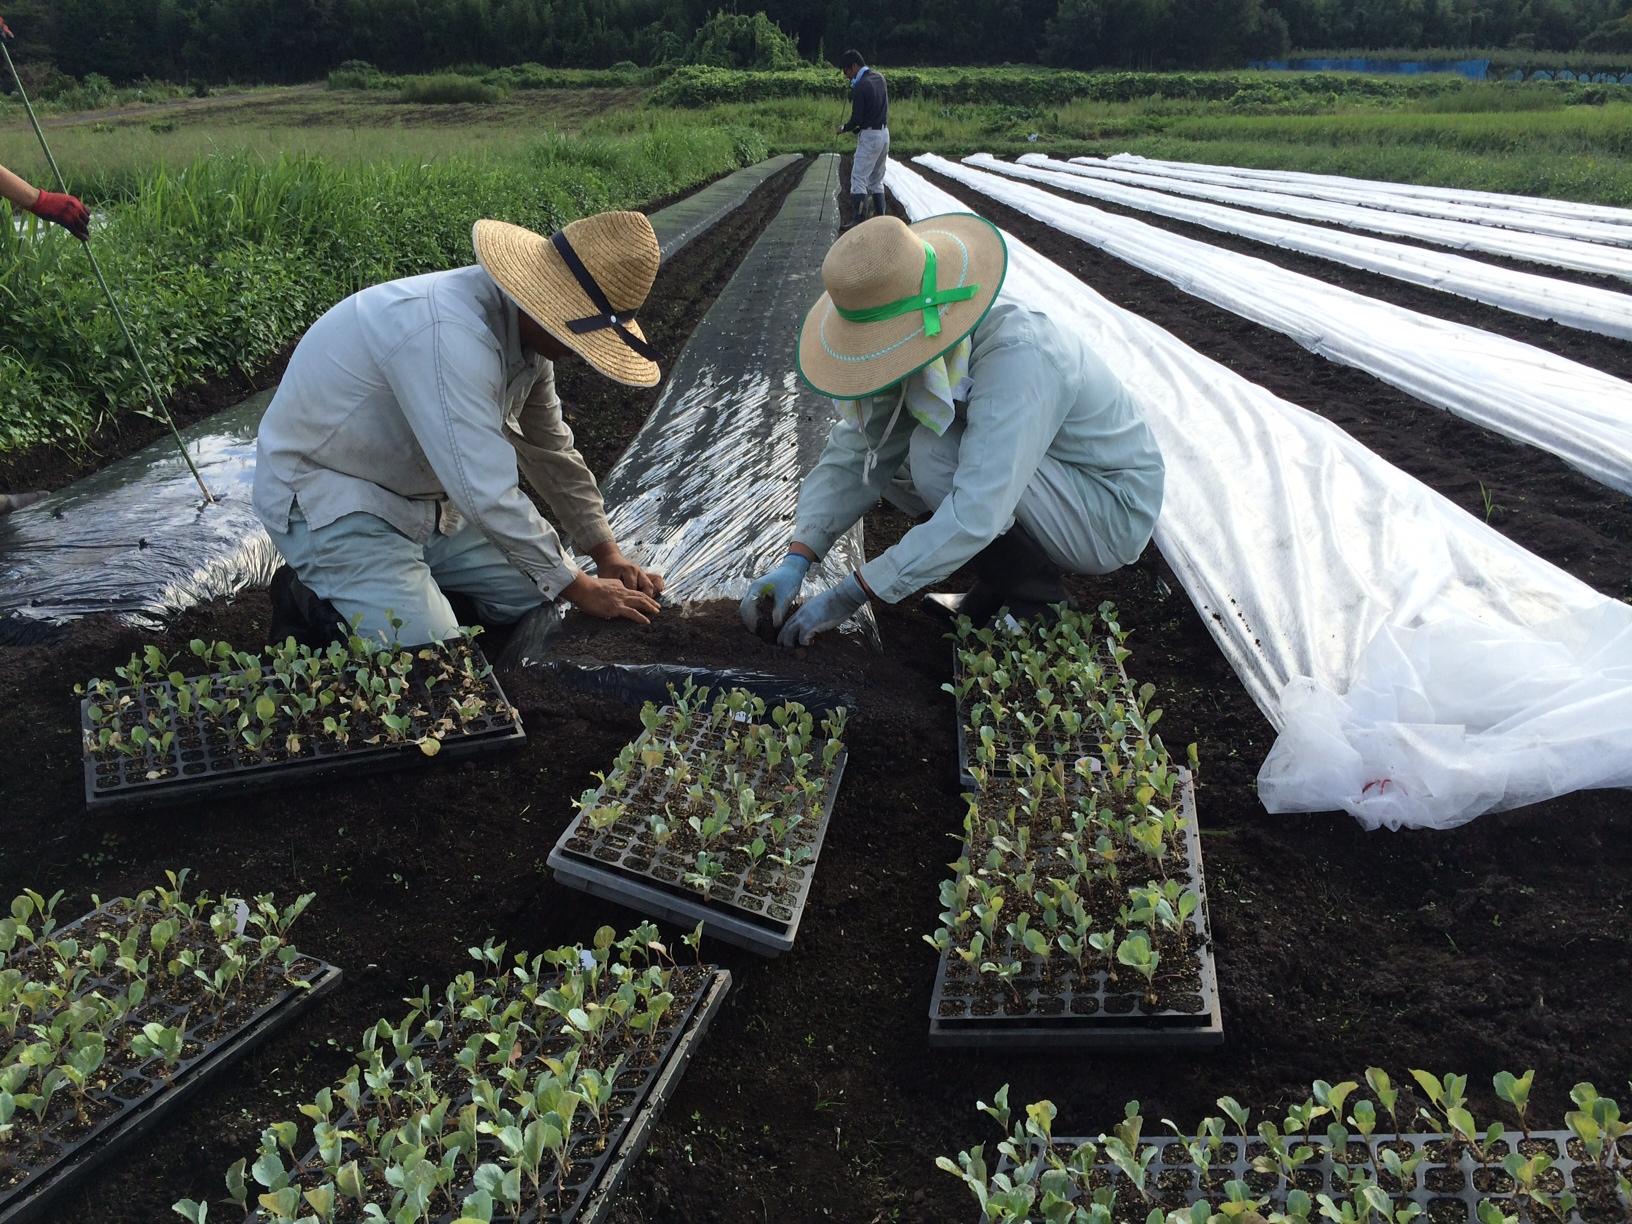 鳥取のおいしい野菜 TREE&NORF/キャベツの苗の植え付け